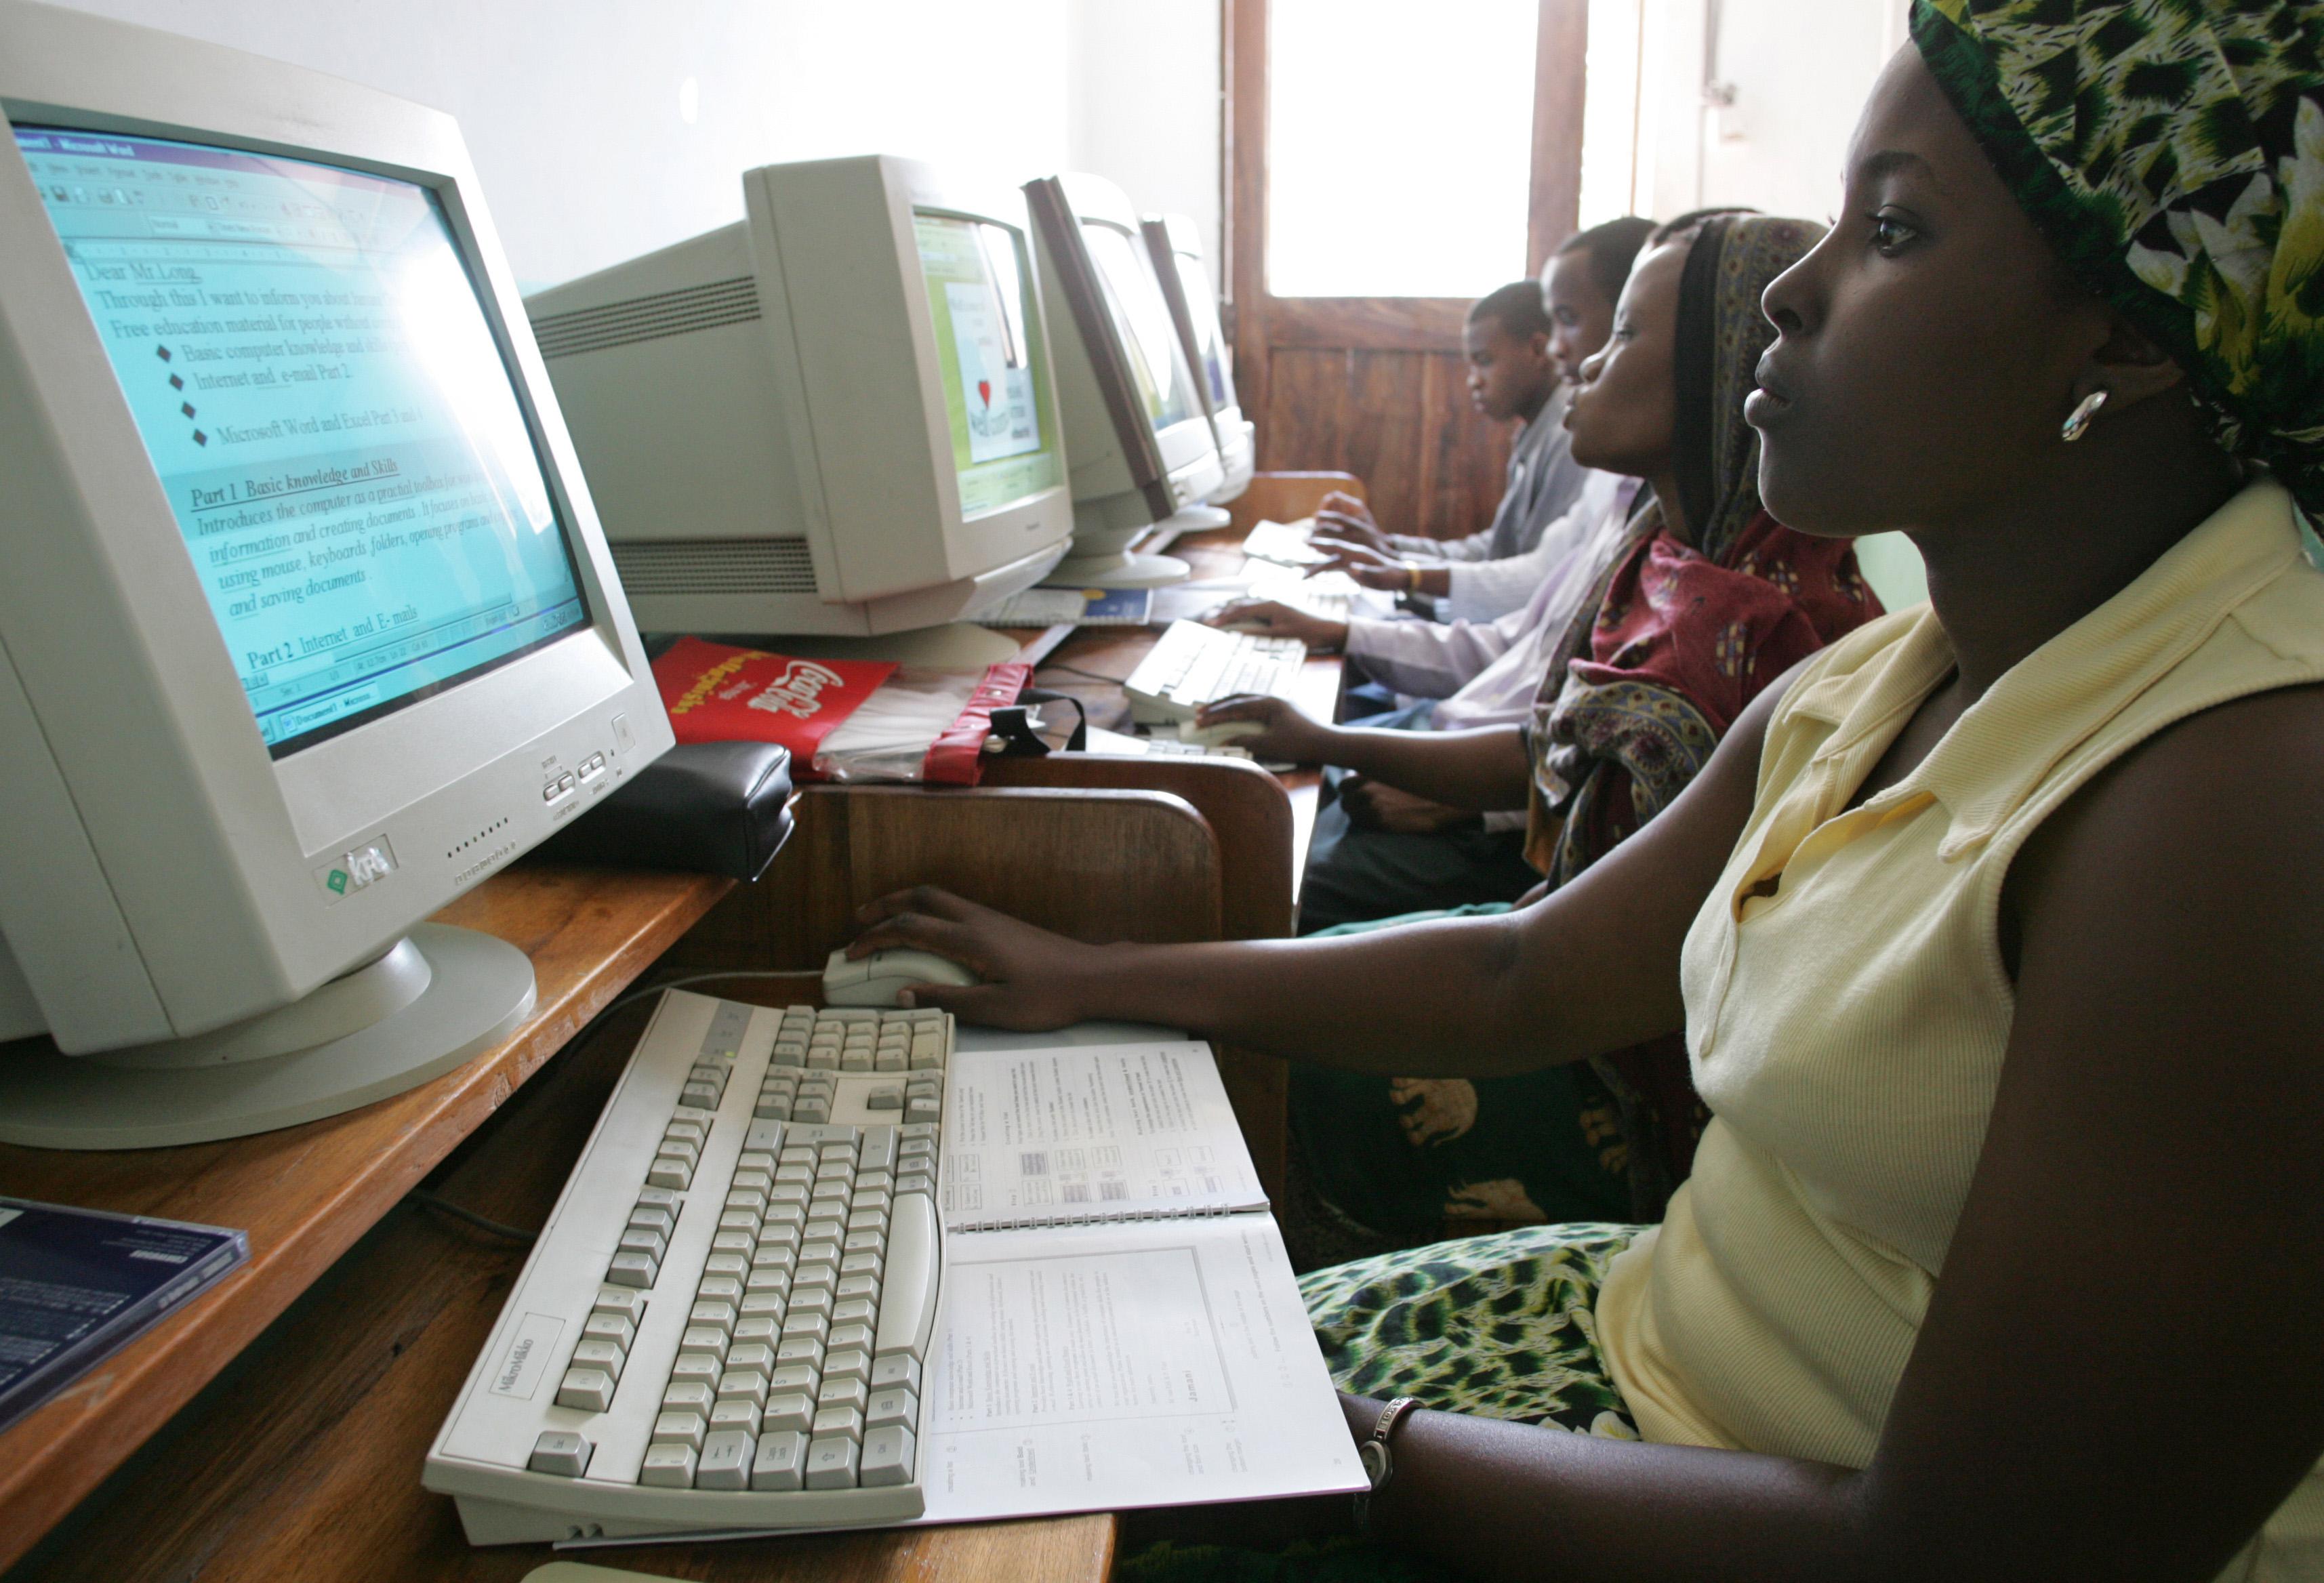 Mädchen lernen im Jugendzentrum von Tanga (Tansania) den Umgang mit Computern.